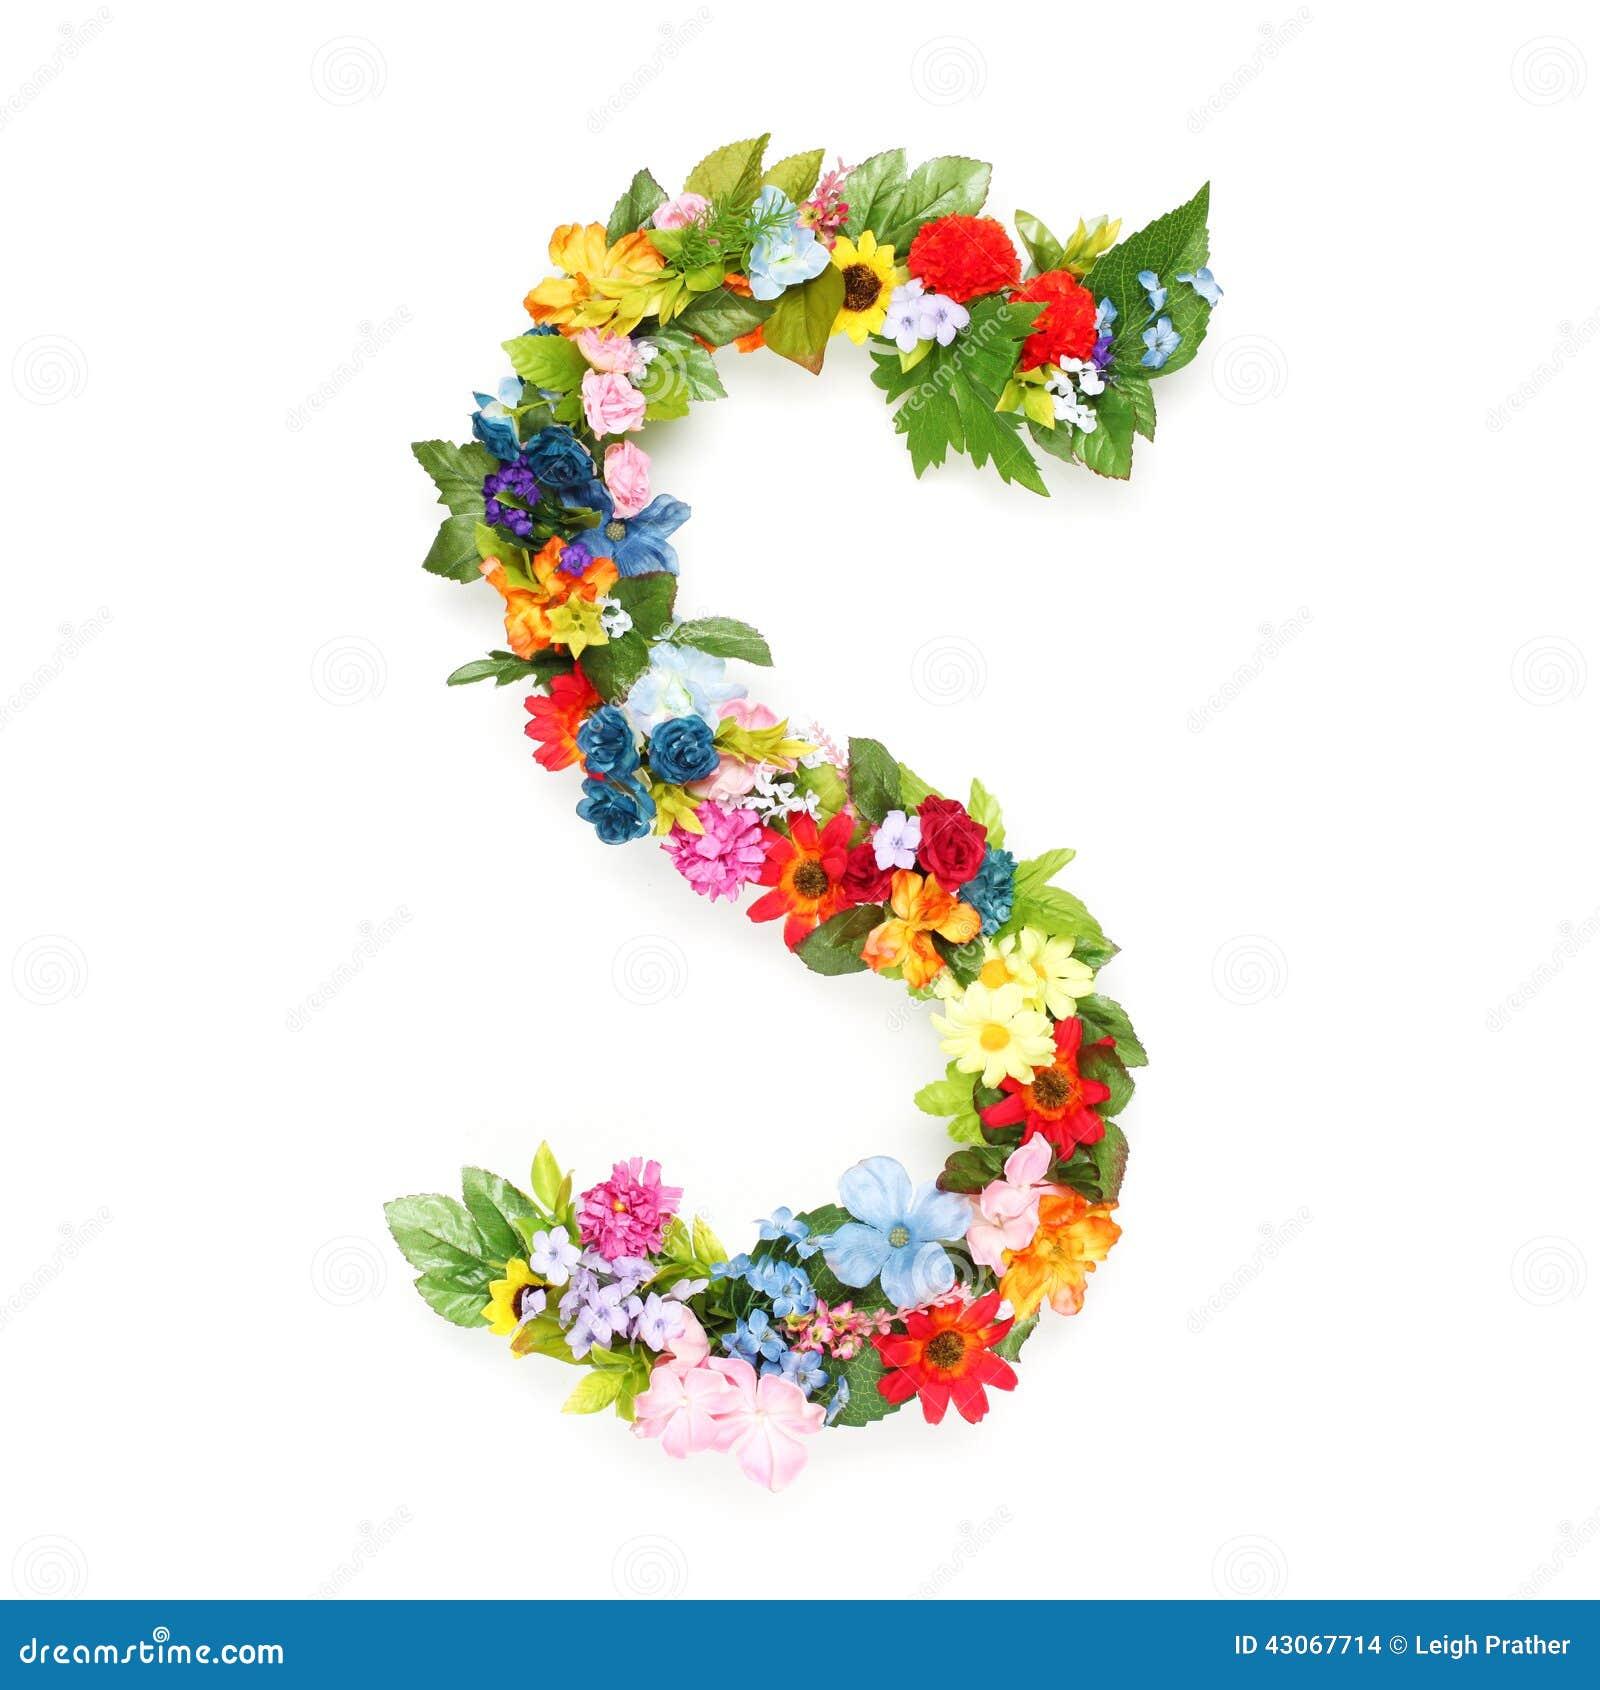 lettres des feuilles et des fleurs photo stock image du lame effectu 43067714. Black Bedroom Furniture Sets. Home Design Ideas